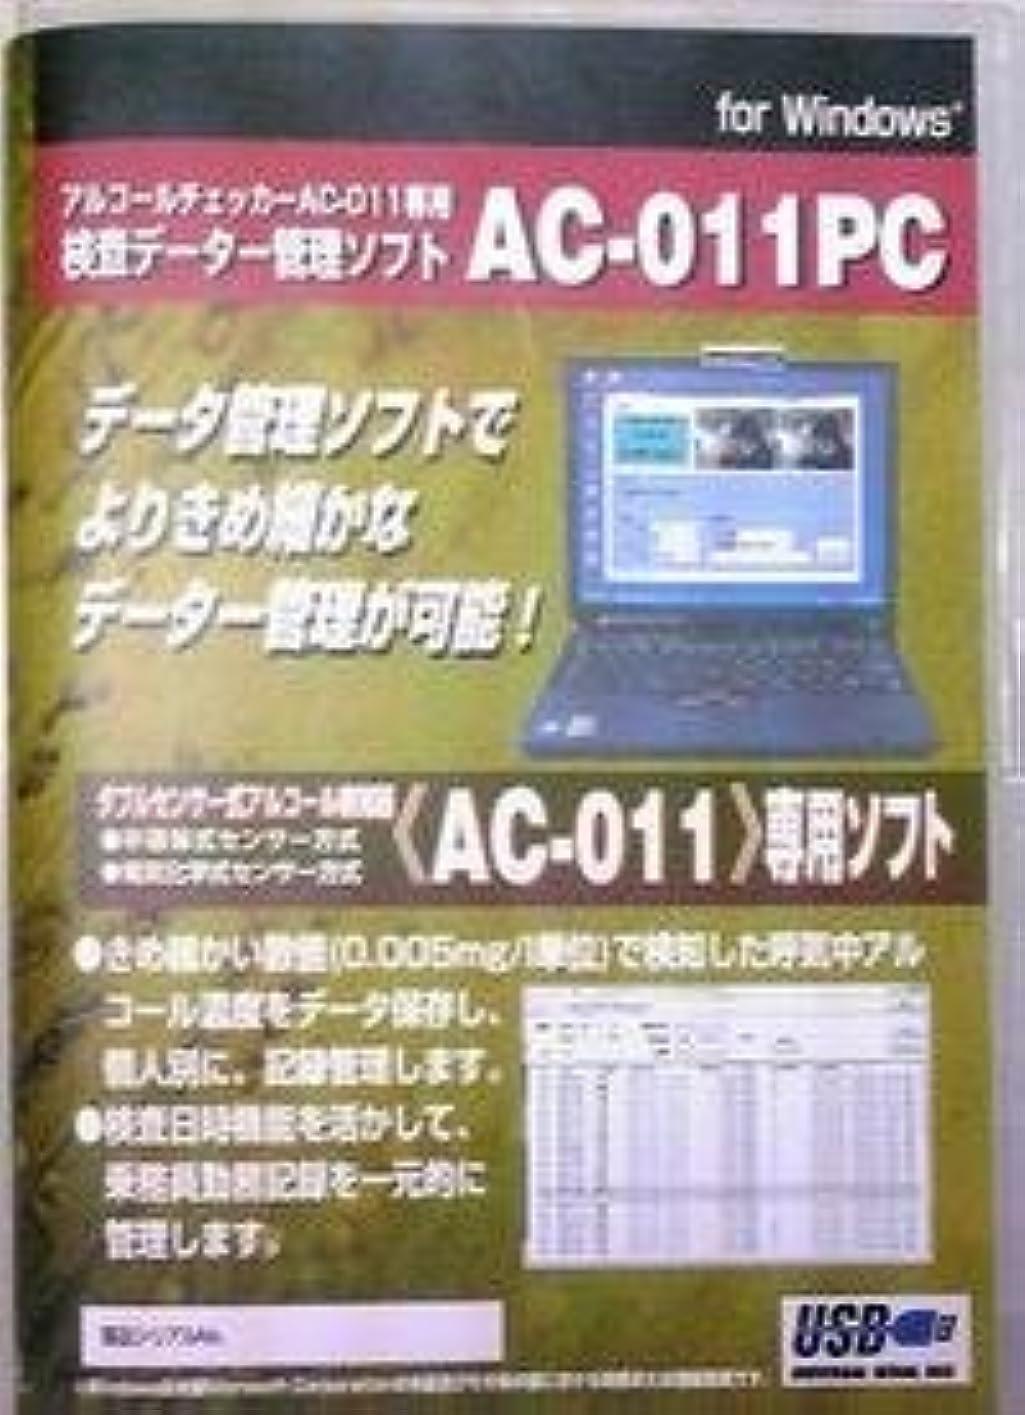 カルシウムパンサー沼地AC-011PC ダブルセンサー式アルコールチェッカー専用ソフト 東洋マーク